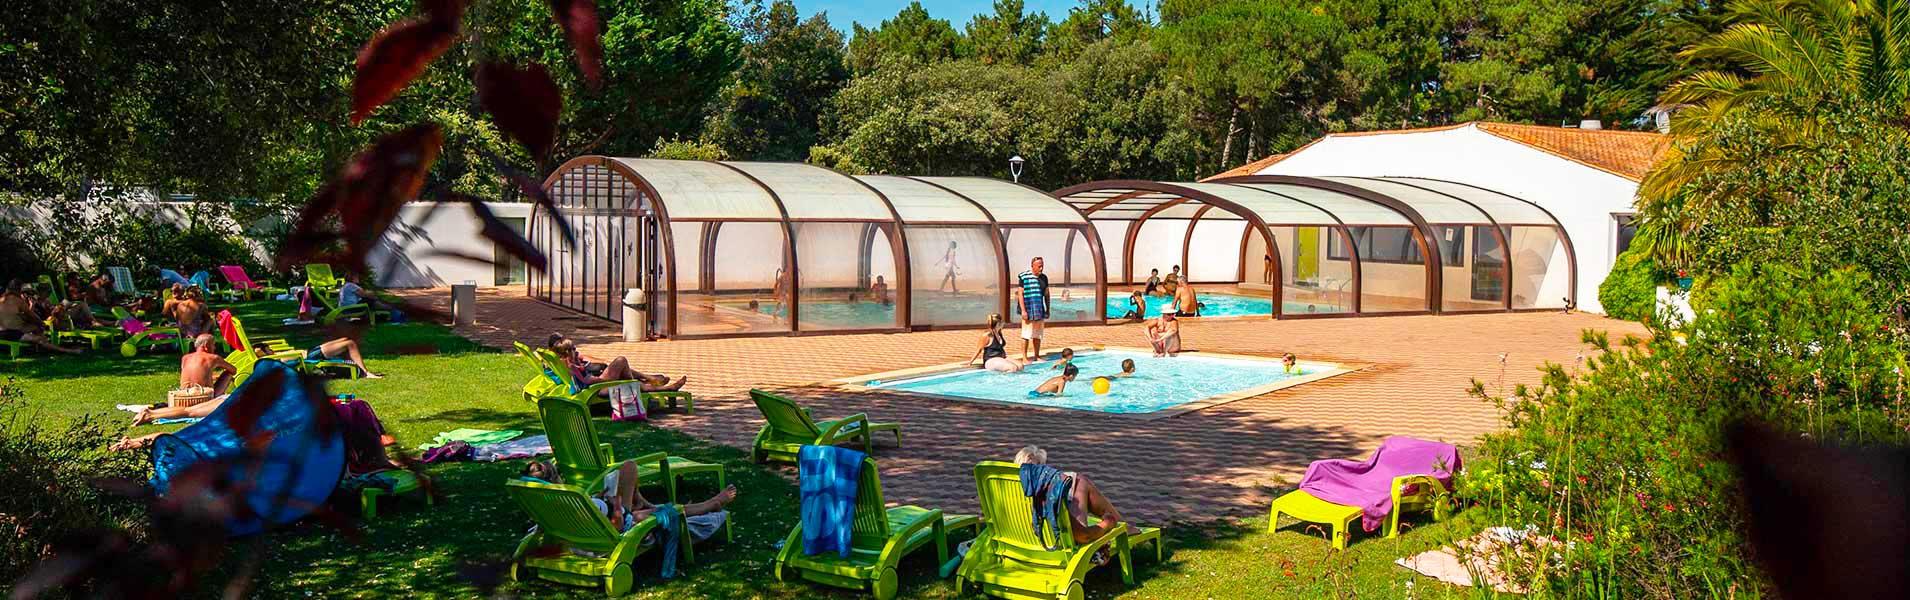 La Grainetière Ile De Ré Avis campsite ile blanche 4 stars | mobile home ile de ré holiday